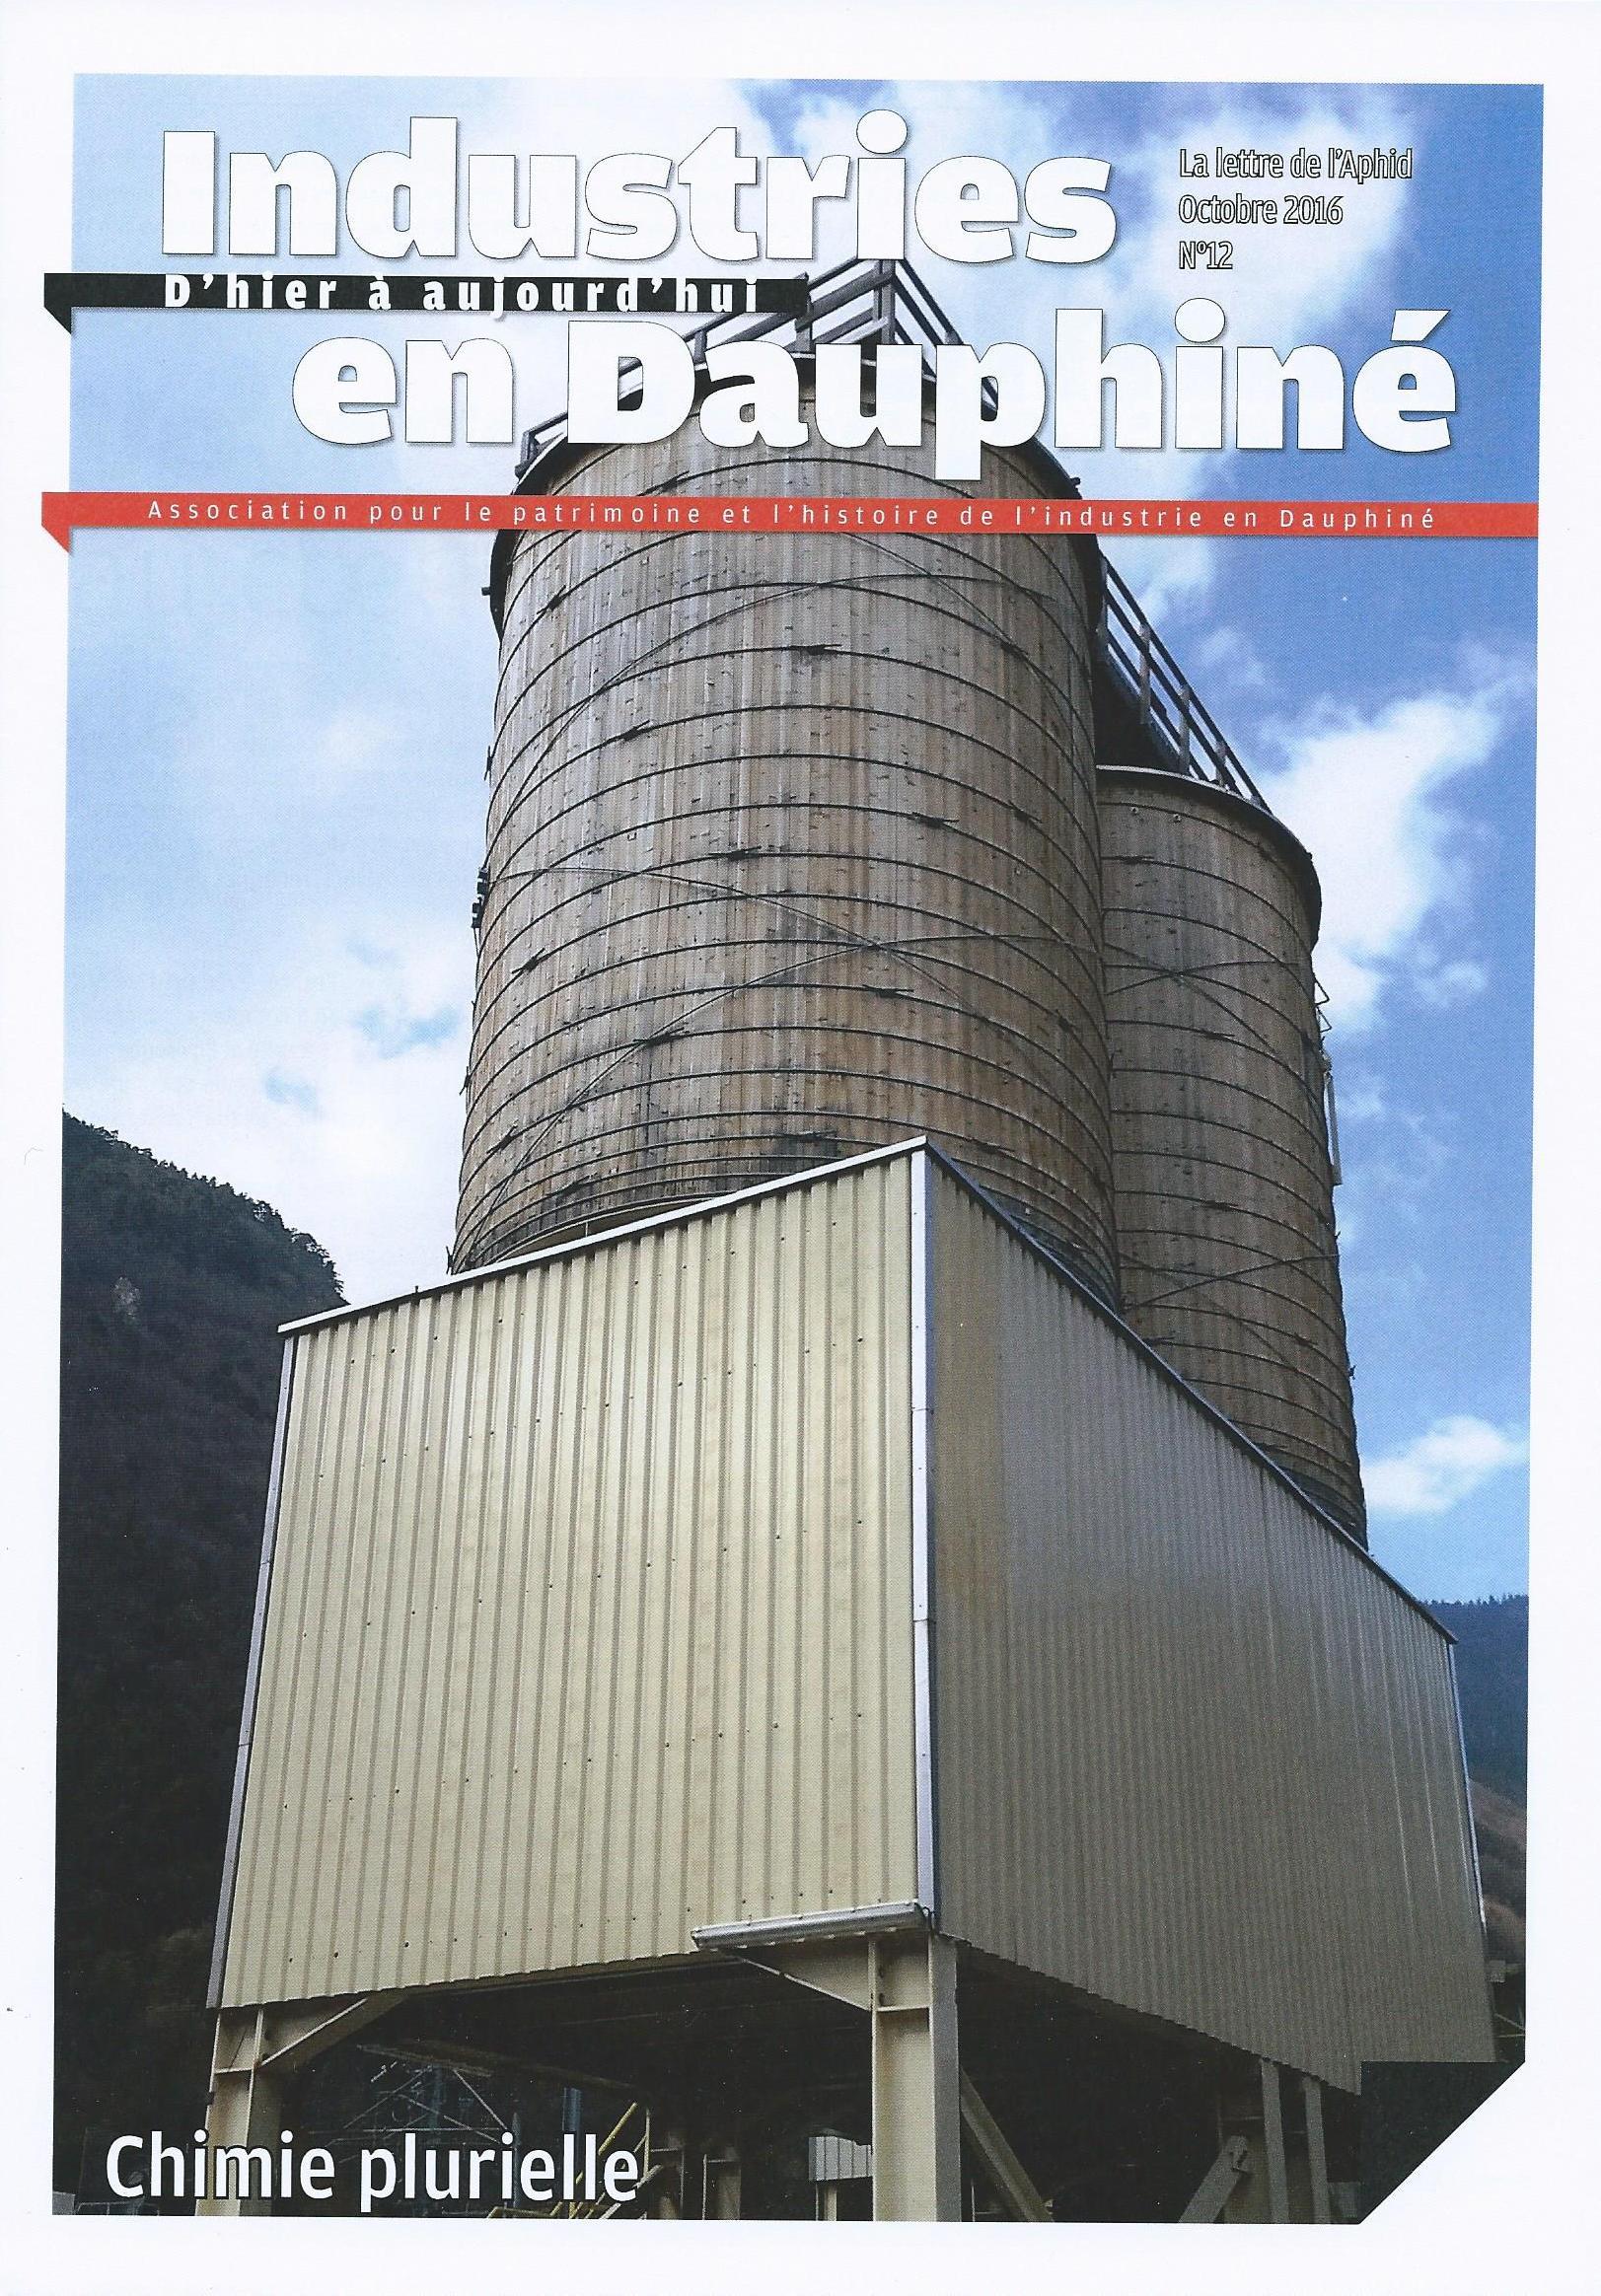 Industries en Dauphiné, d'Hier à aujourd'hui, n°12 Chimie plurielle